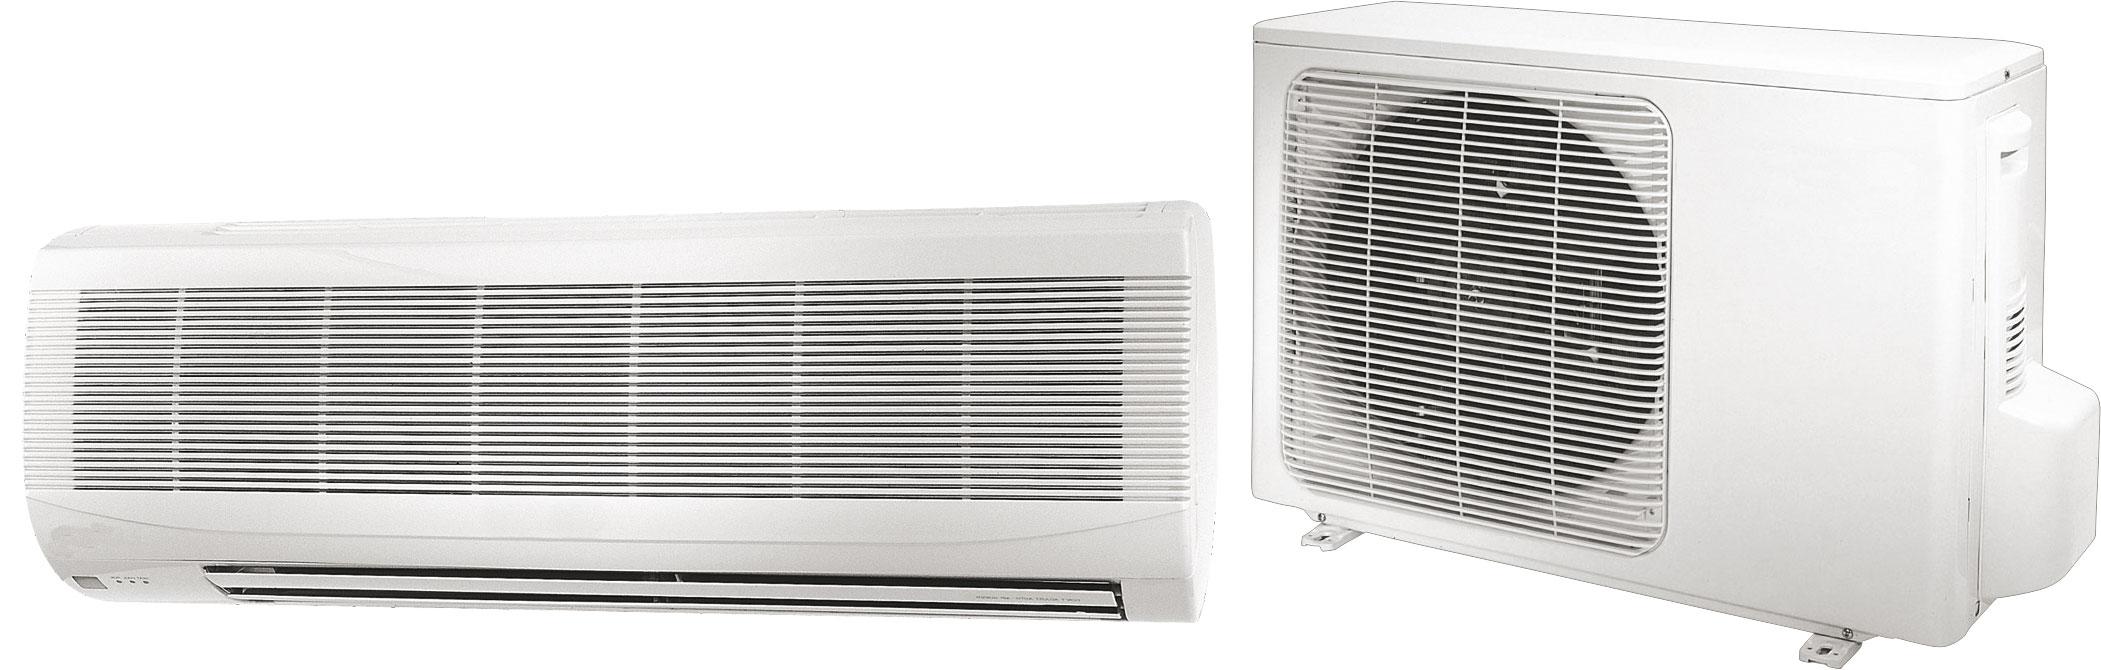 Aerazione forzata migliori marche climatizzatori - Marche condizionatori ...